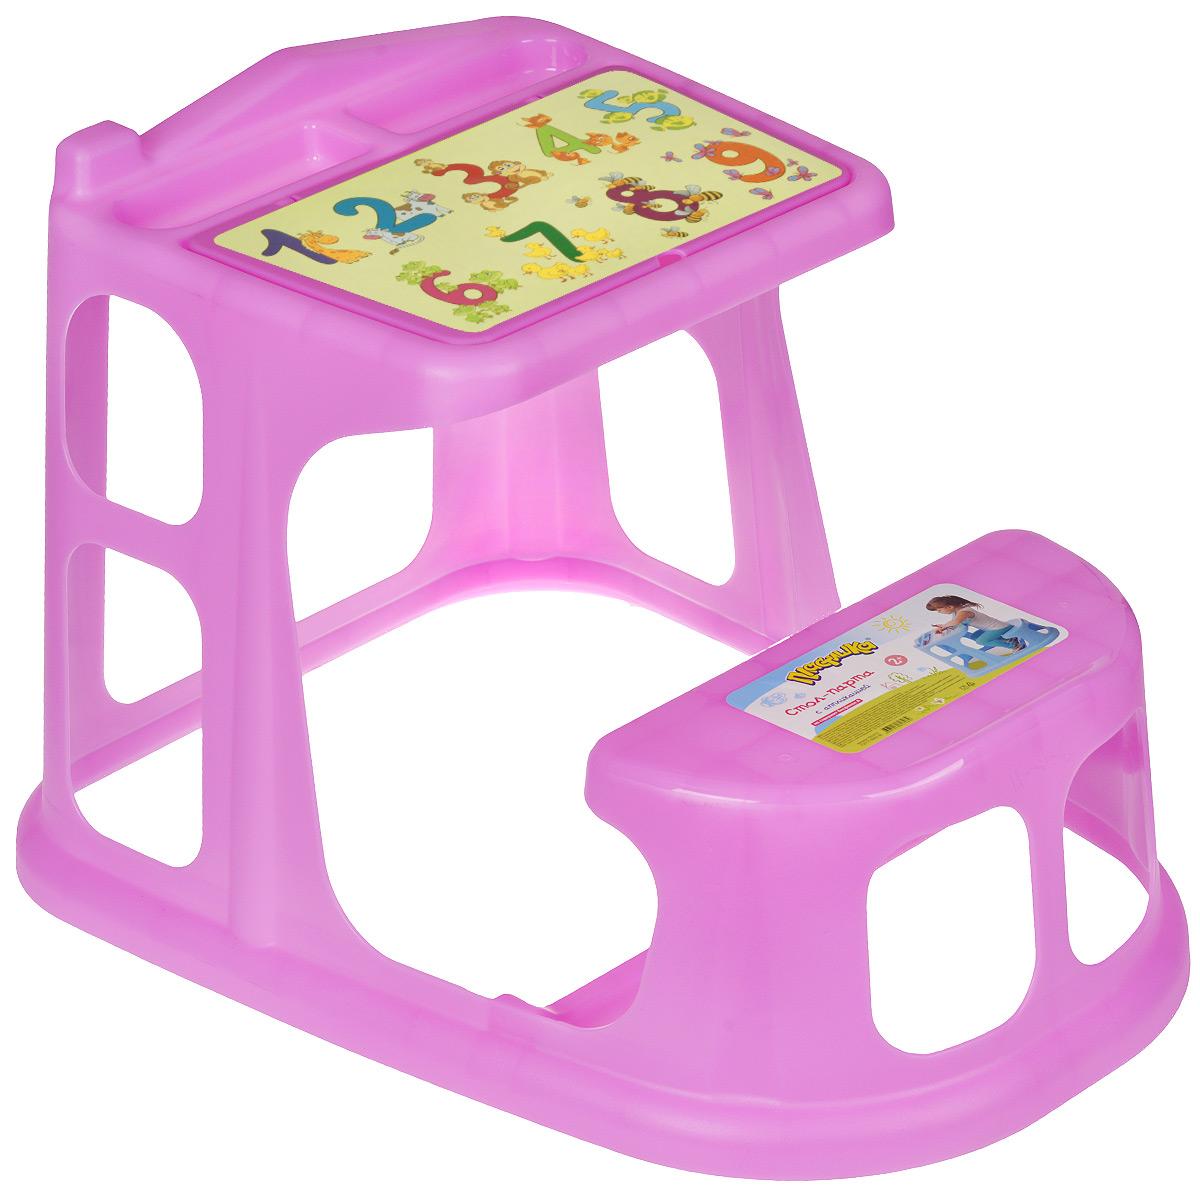 """Стол-парта """"Цифры"""", выполненная из прочного полипропилена без содержания бисфенола А, послужит для вашего малыша удобным рабочим местом во время конструирования, лепки, рисования или просто игры. Столешница с крышкой имеет специальные углубления для карандашей, кисточек и фломастеров, а под крышкой расположены три ниши для хранения красок, блокнотов и других мелочей. Крышка оформлена изображением цифр от 1 до 9. Парта имеет устойчивую конструкцию и безопасные закругленные углы и для удобства совмещена со скамейкой. Порадуйте своего ребенка таким замечательным подарком! Рекомендуемый возраст: от 2 лет."""